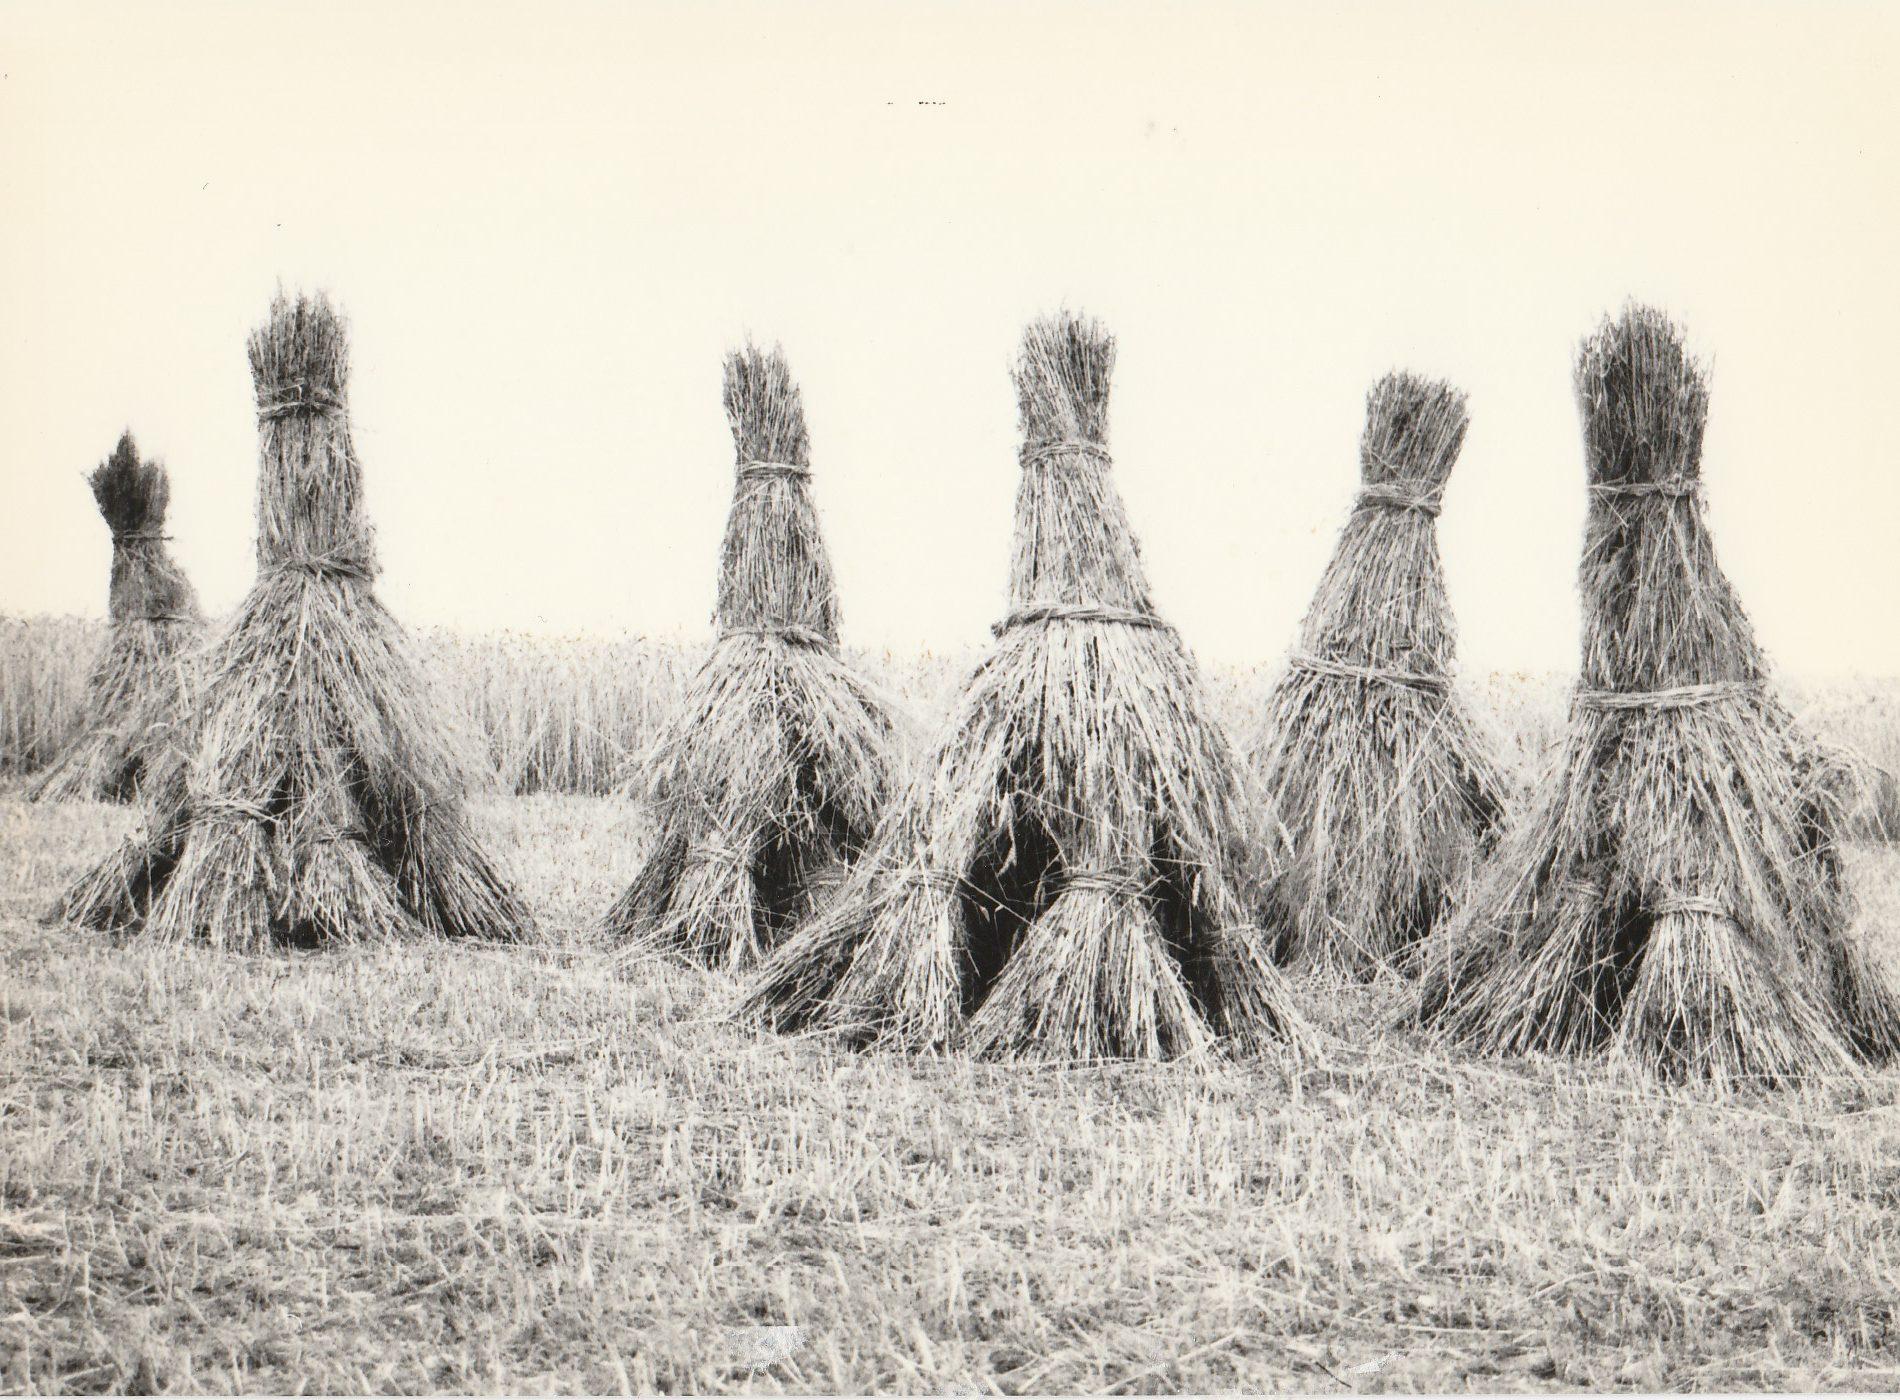 Ein Roggenfeld mit sechs gebundenen Kornrittern . Mit freundlicher Genehmigung von Heinrich Bruch